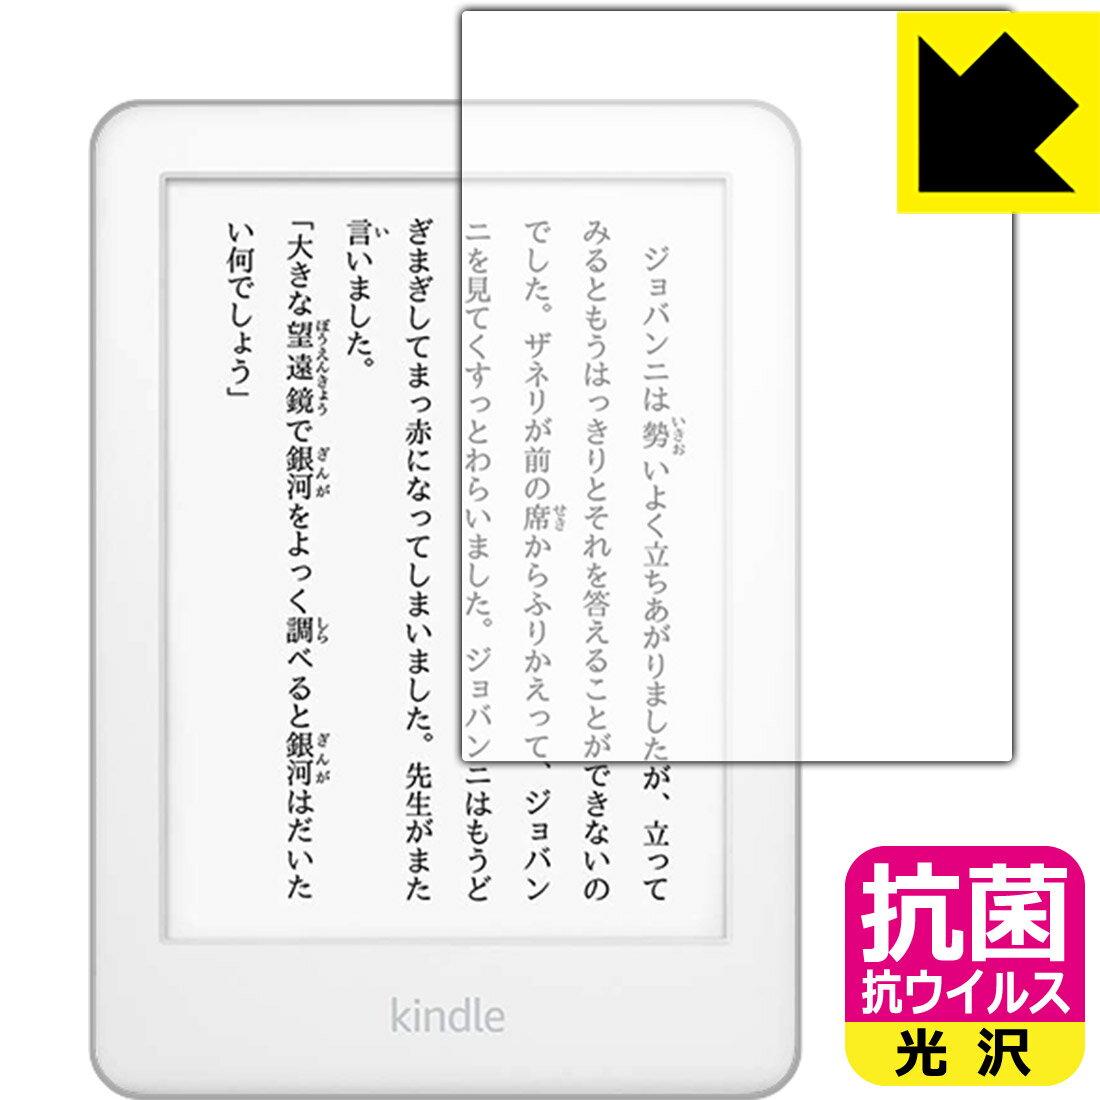 電子書籍リーダーアクセサリー, その他  Kindle (1020194)Kindle RCPsmtb-kd